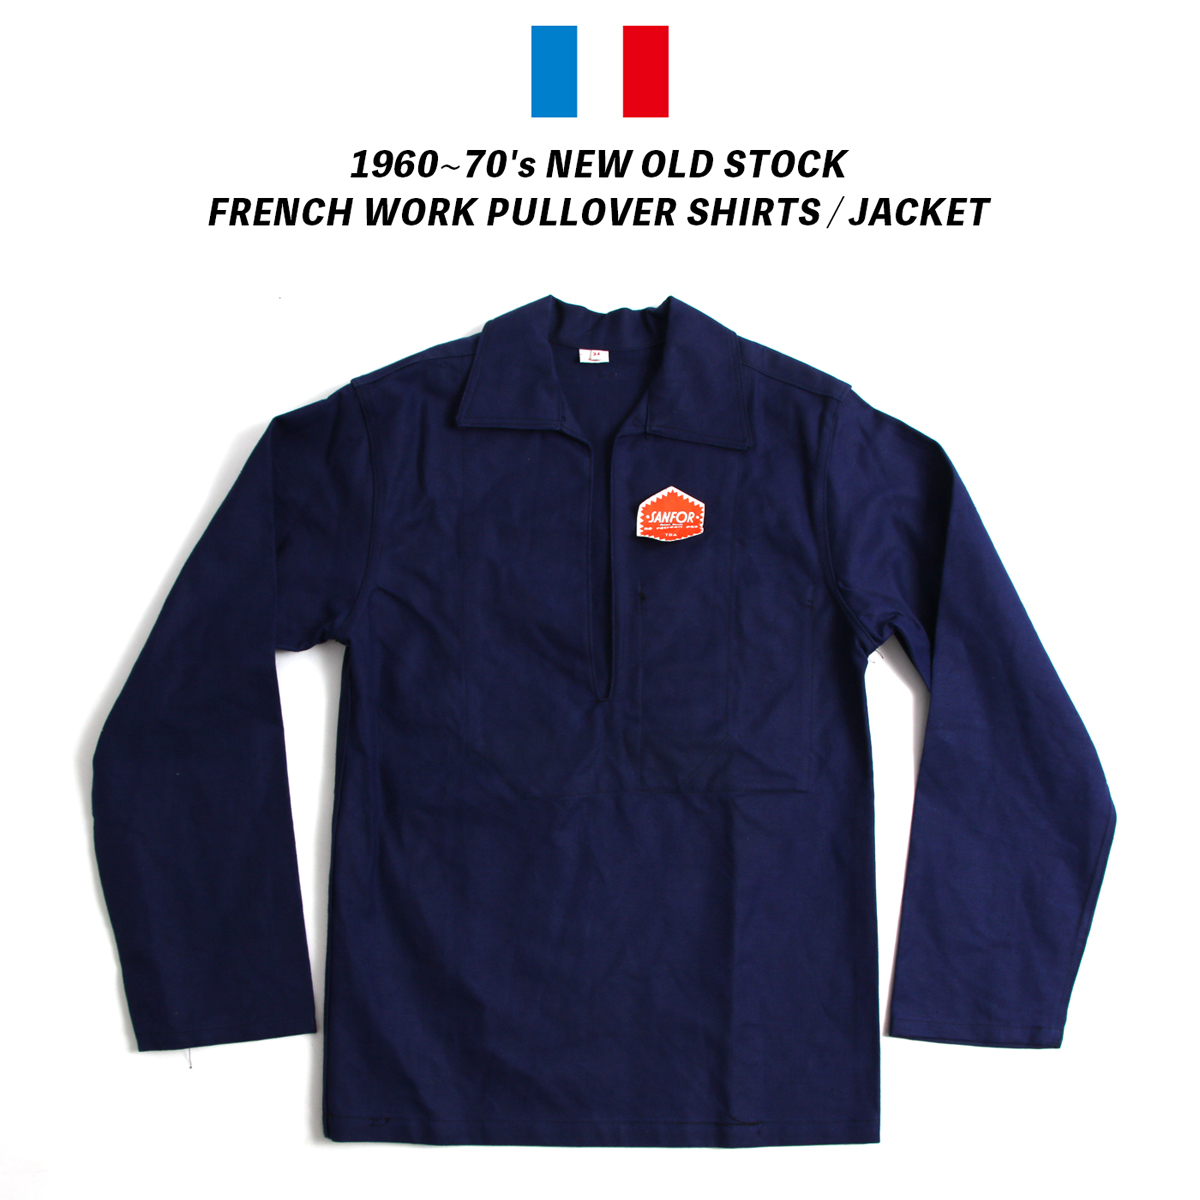 1960~70's NEW OLD STOCK ビンテージ フレンチワーク プルオーバーシャツジャケット デッドストック